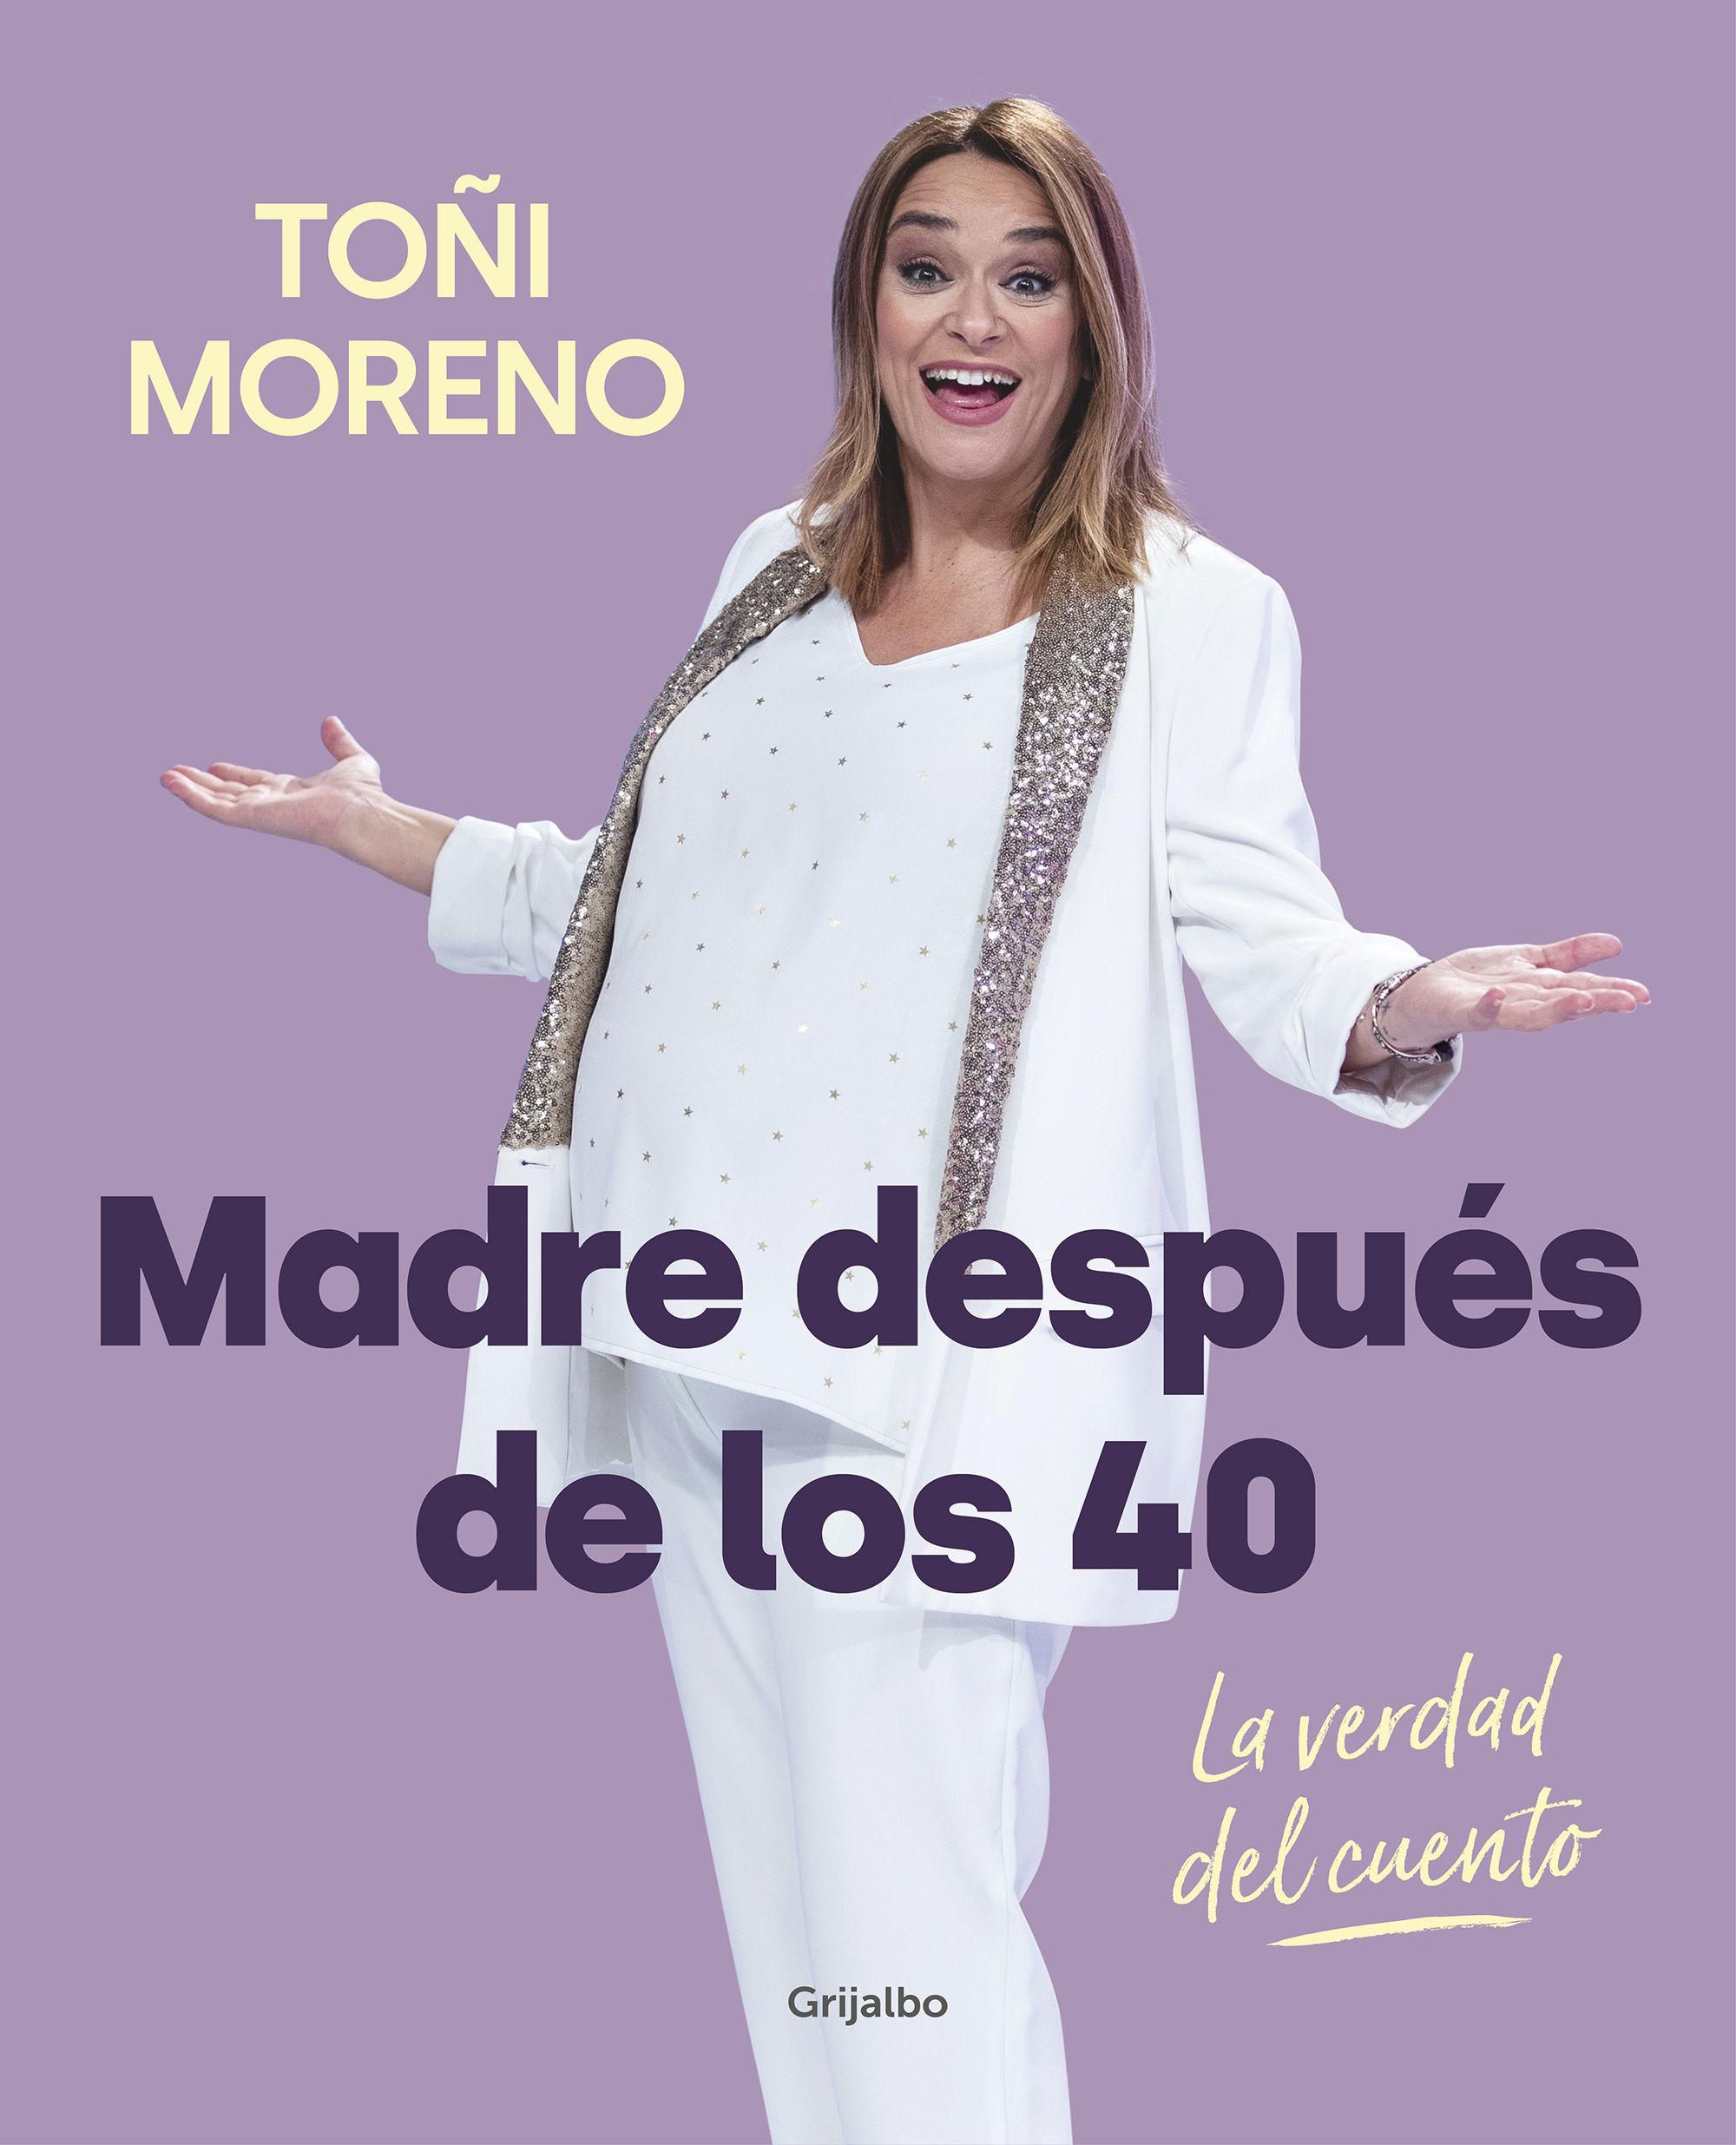 MADRE DESPUES DE LOS 40 LA VERDAD